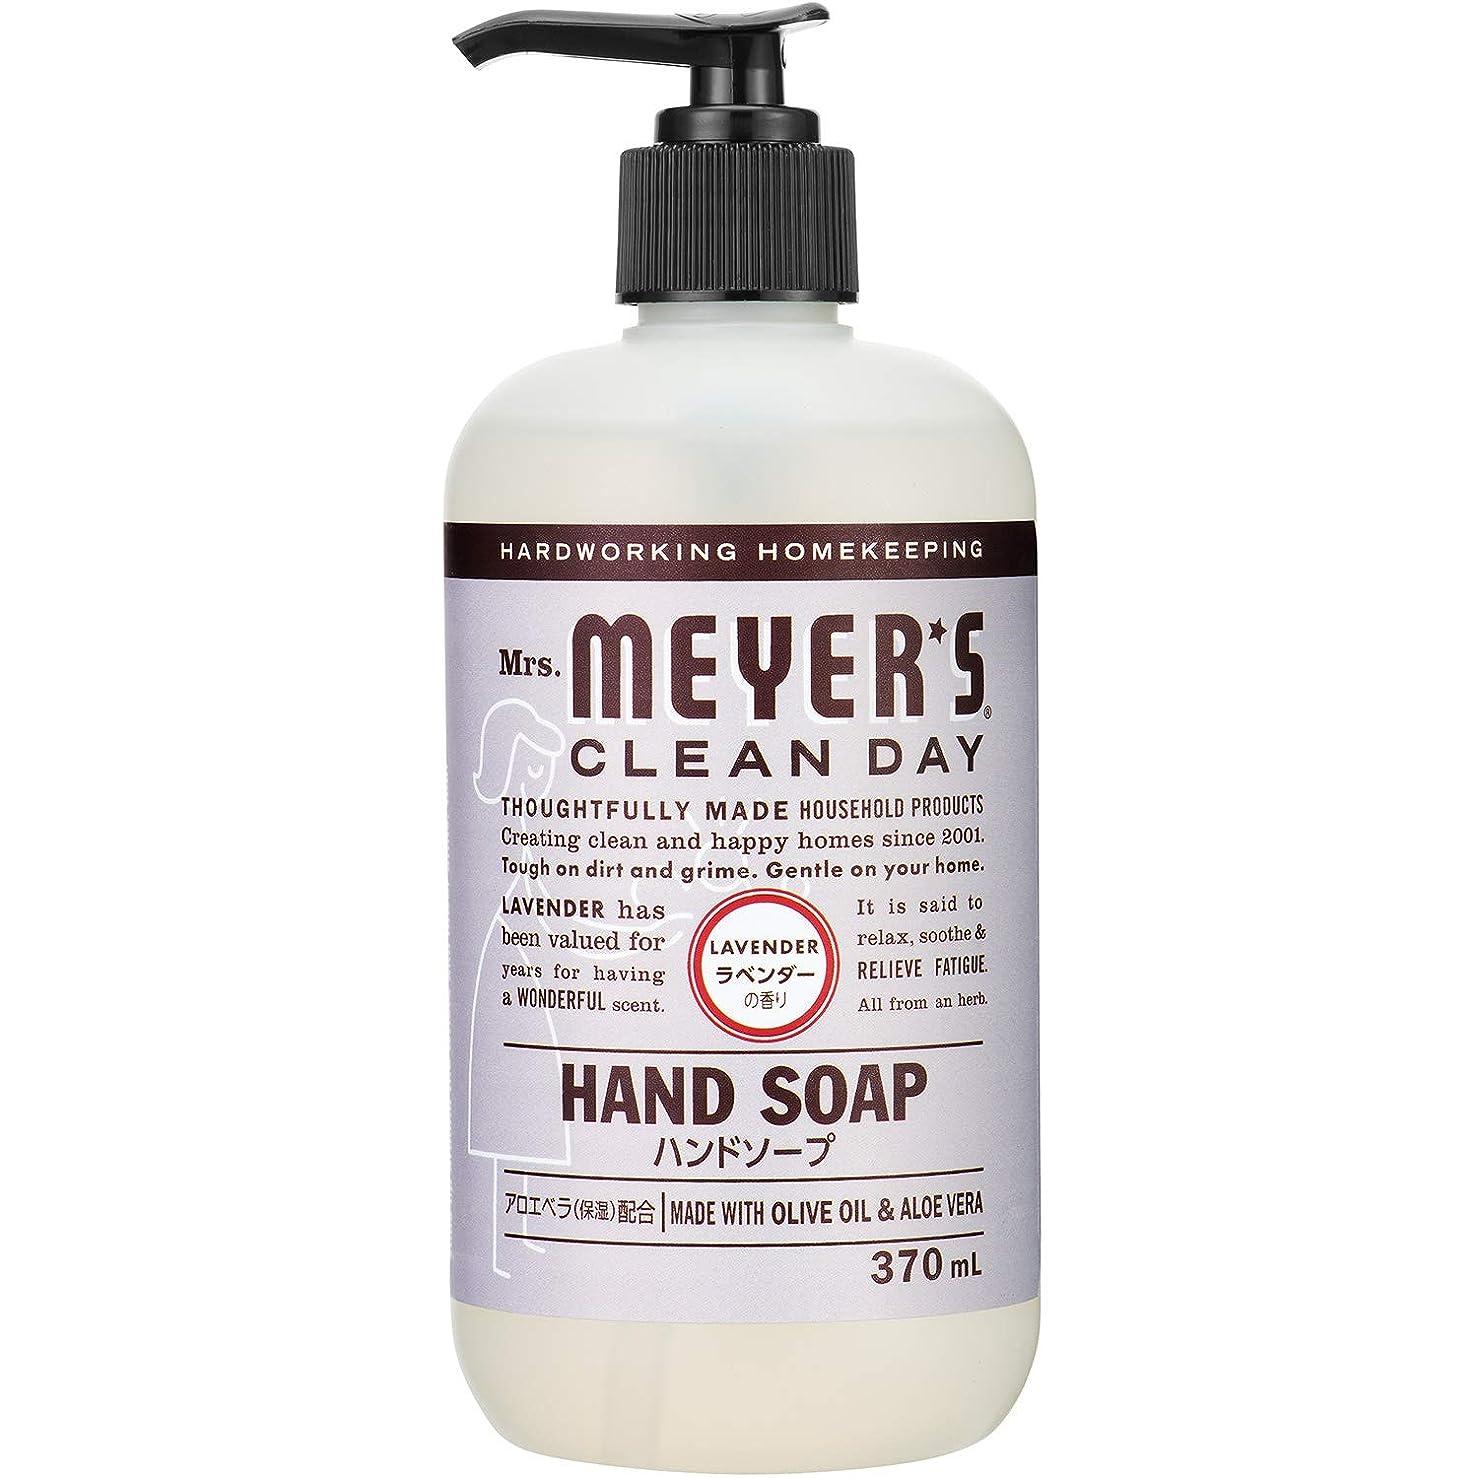 拷問ヒューバートハドソンおとなしいミセスマイヤーズ クリーンデイ(Mrs.Meyers Clean Day) ハンドソープ ラベンダーの香り 370ml